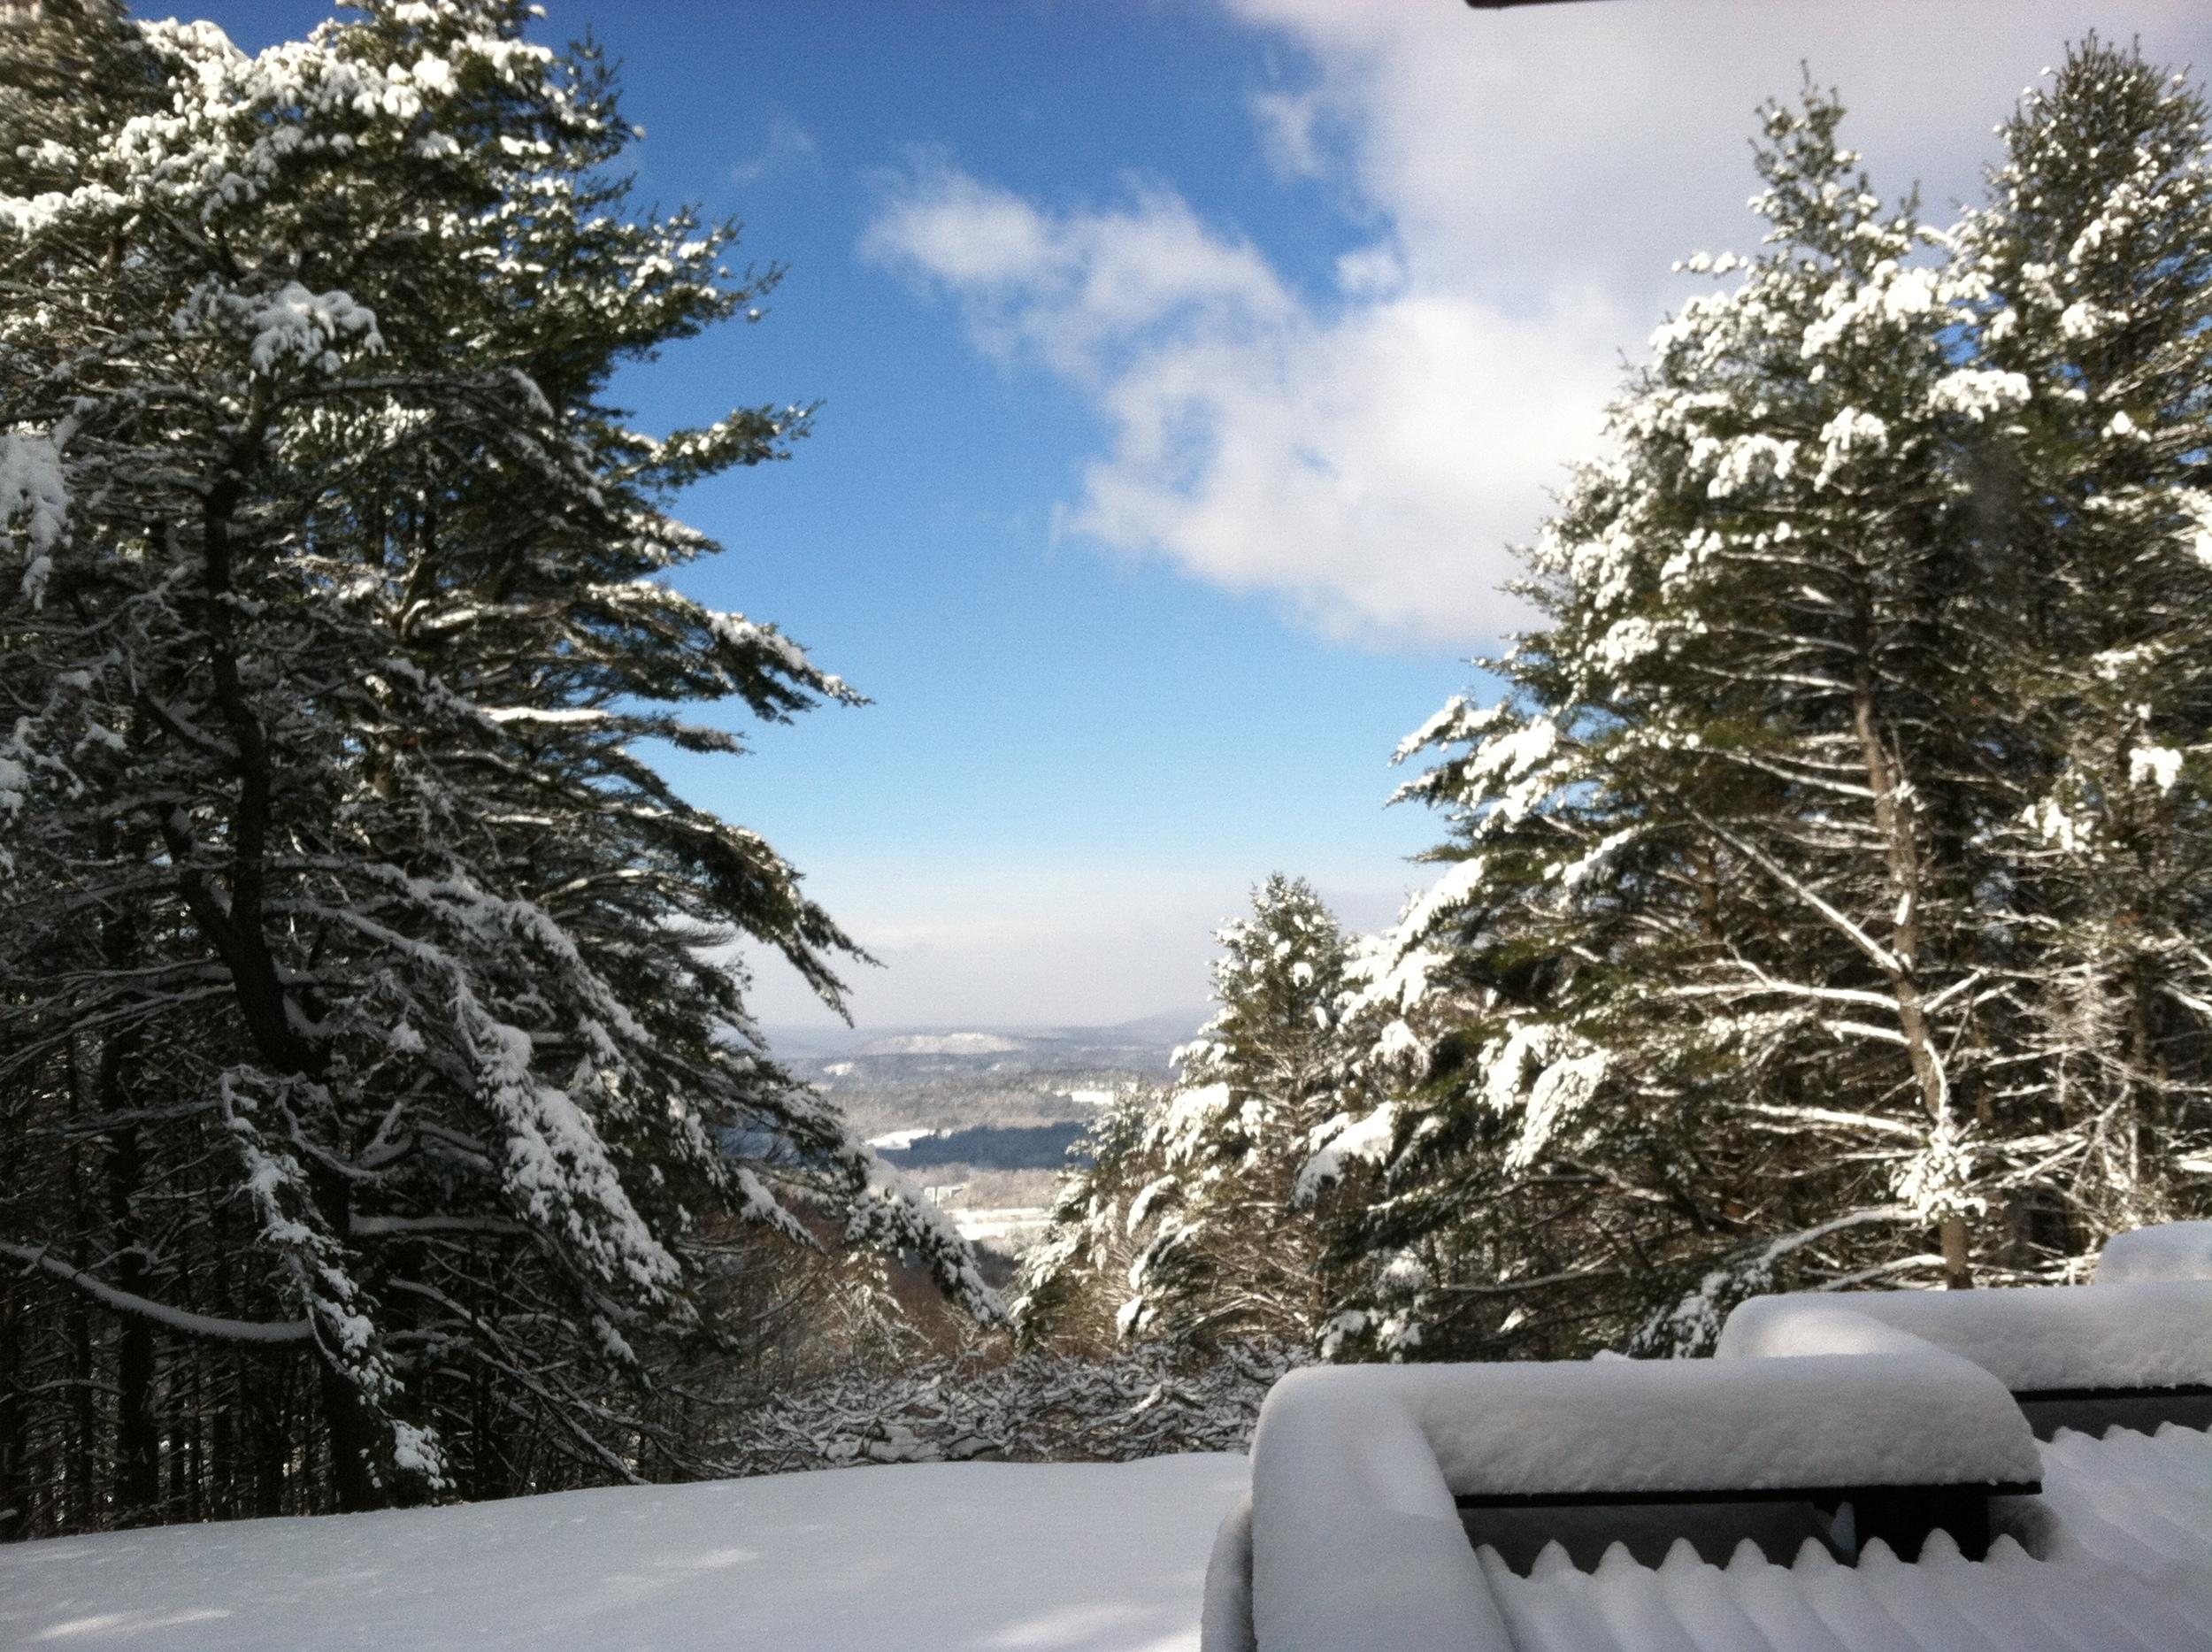 snowfall overlooking Vermont